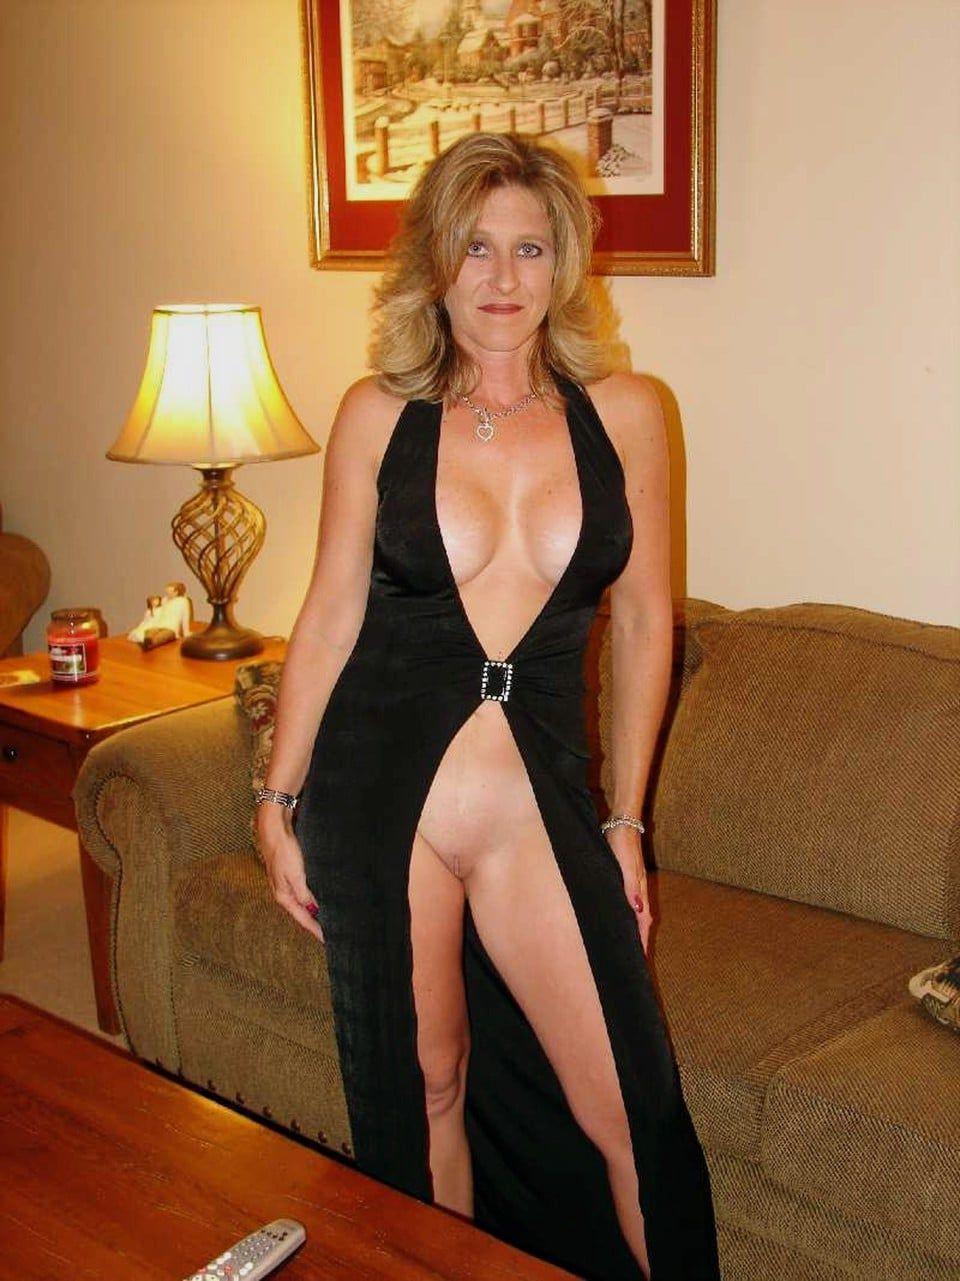 Slut wife in slutty dress